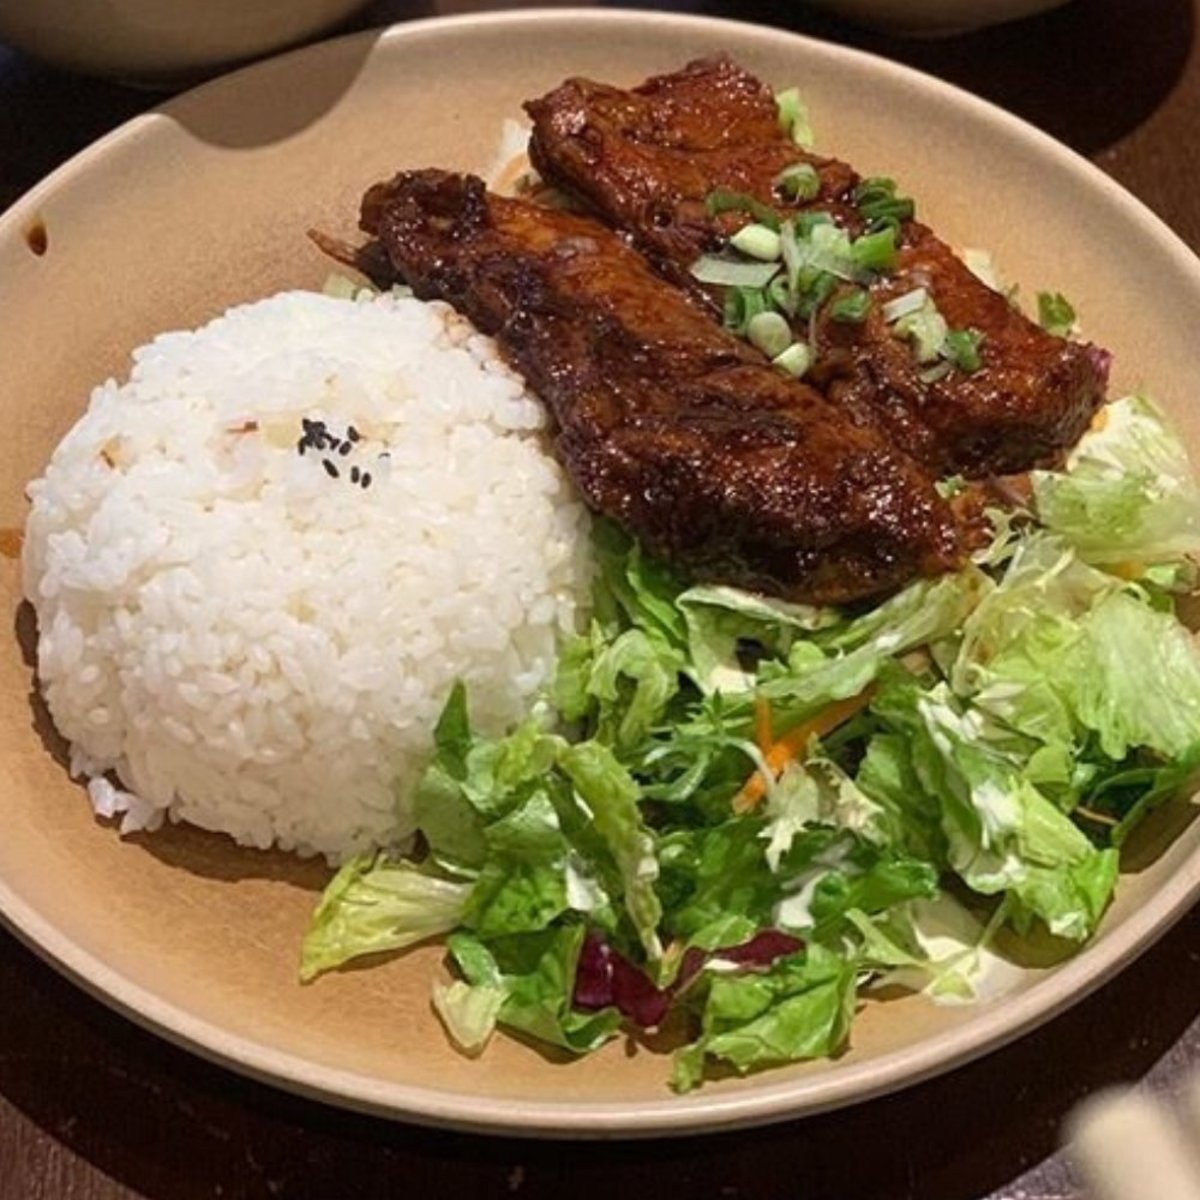 慢煮和風豬肉軟骨 【 2至3人份量 】每包 500g|香軟入味,送飯一流!